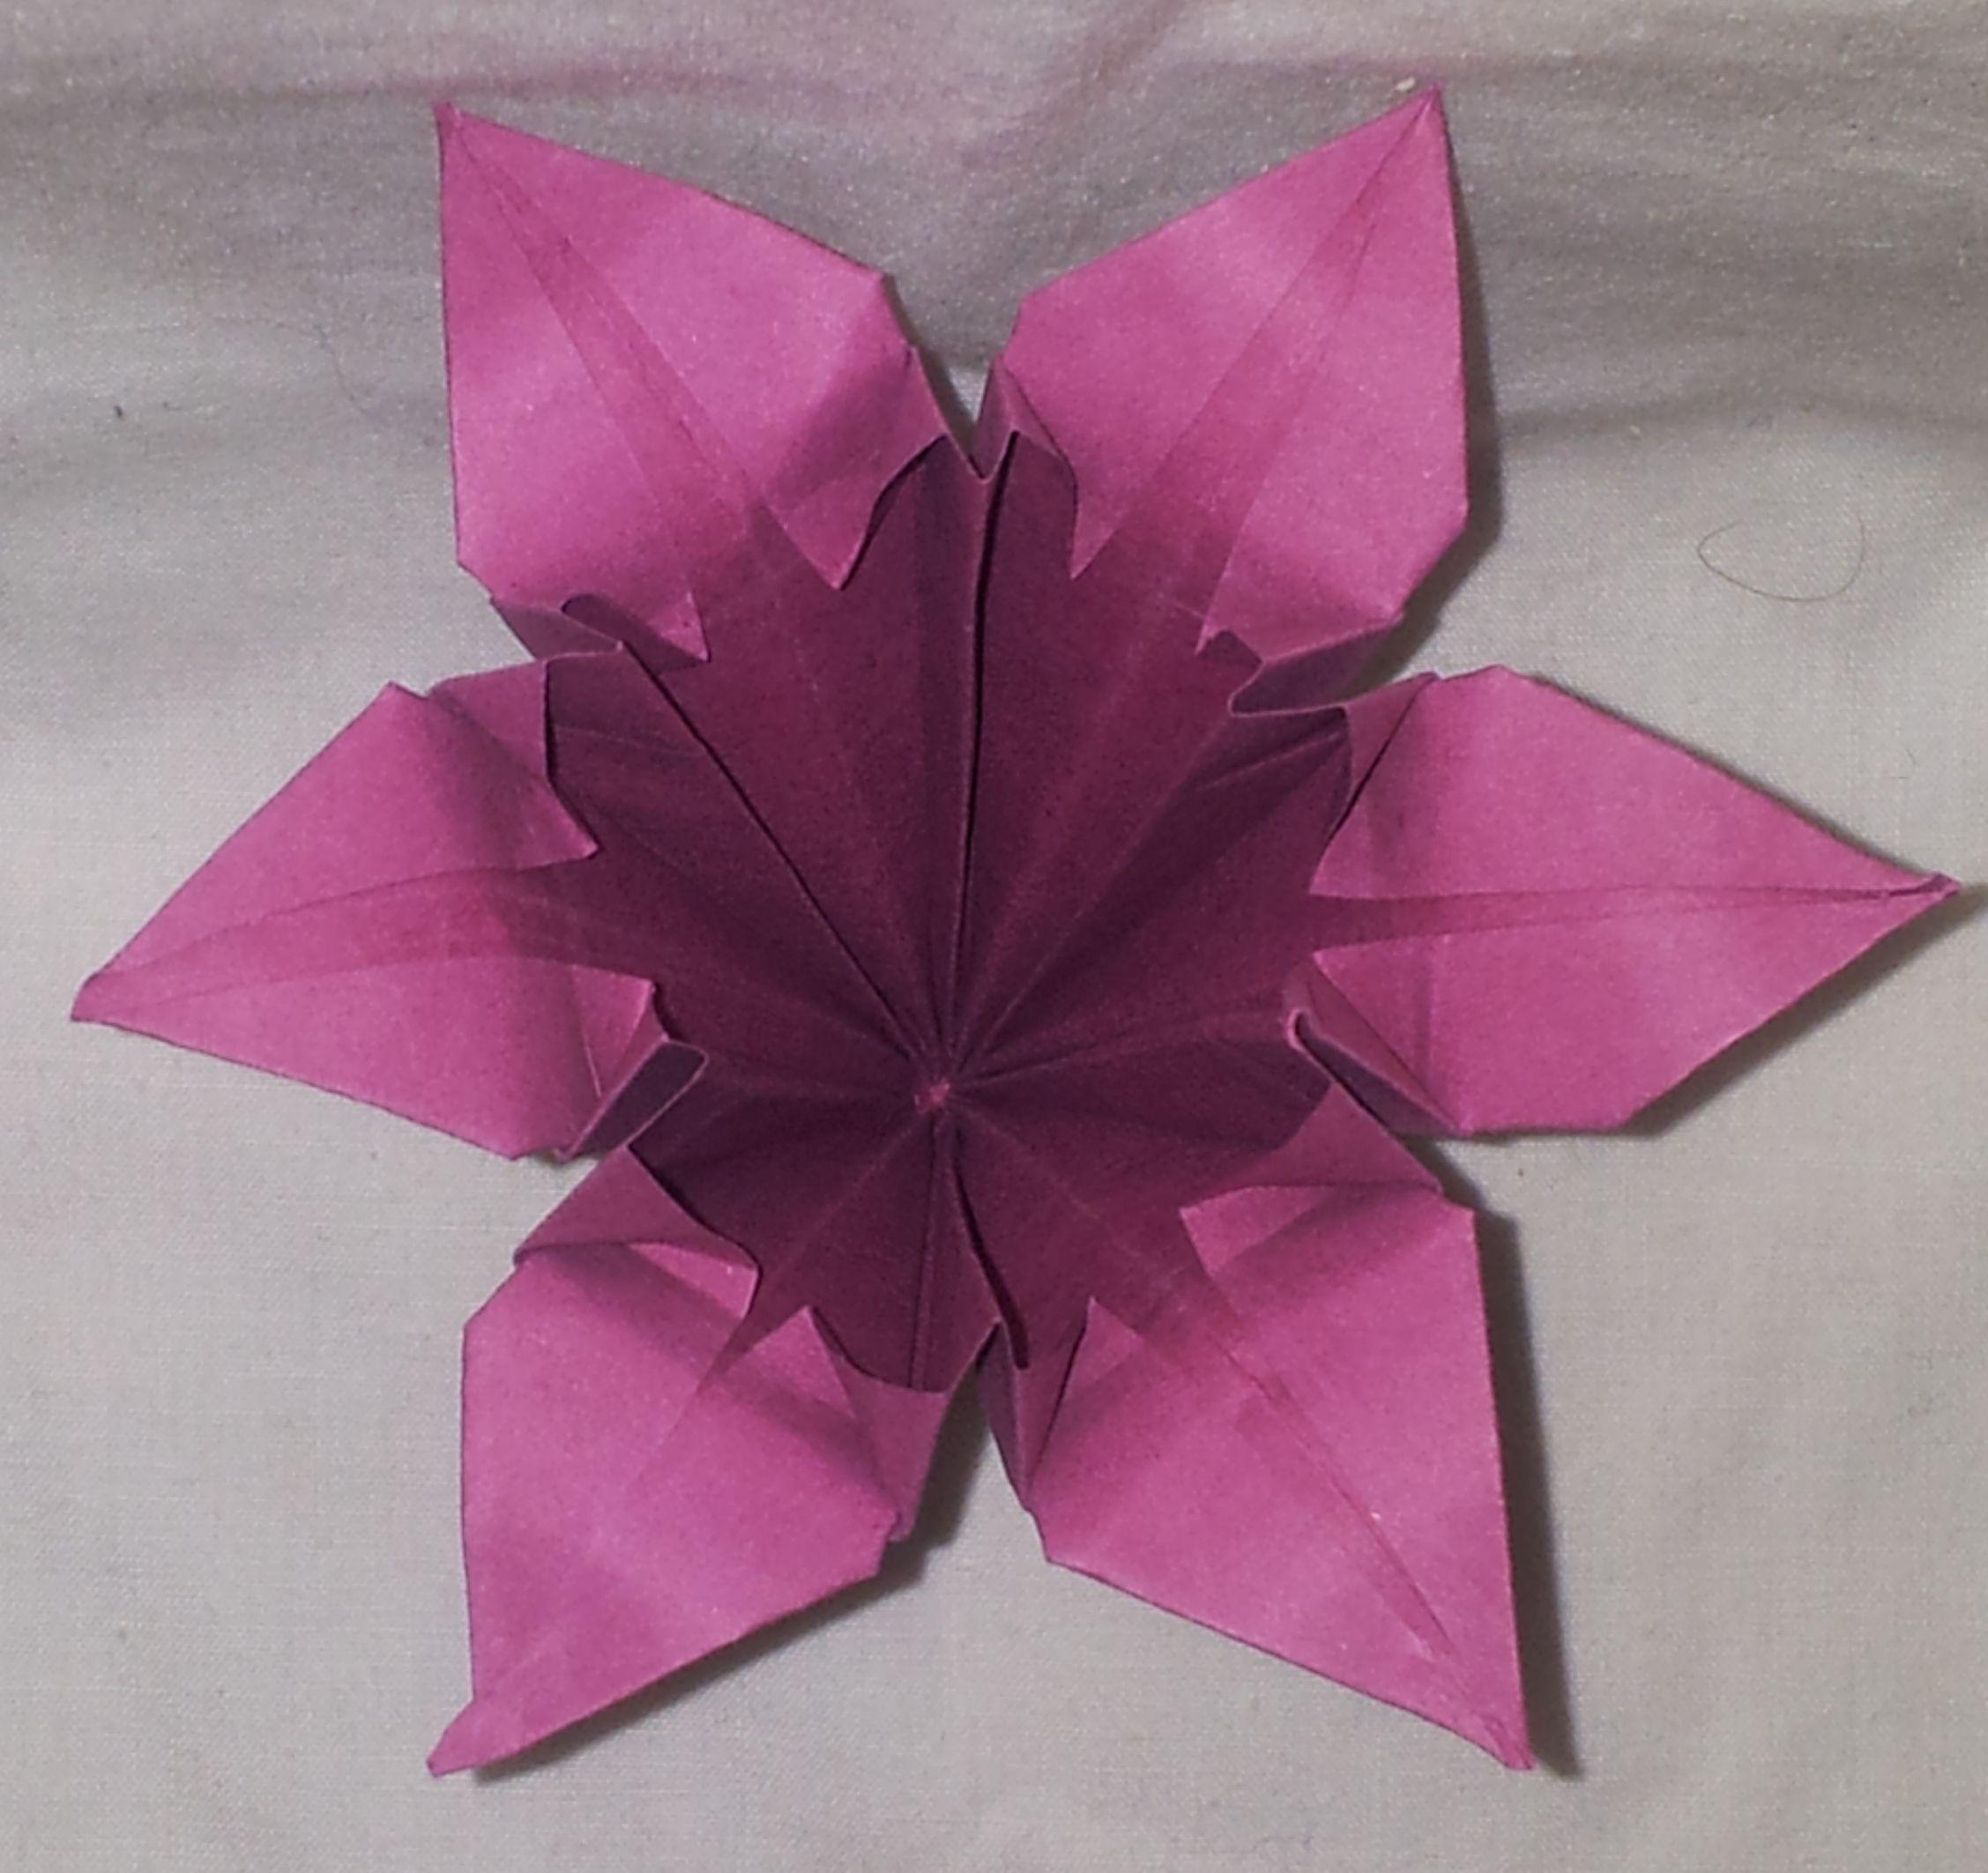 Origami iris flower topsimages classic origami iris florigami amy cosas que me encantan jpg 2255x2125 origami iris flower izmirmasajfo